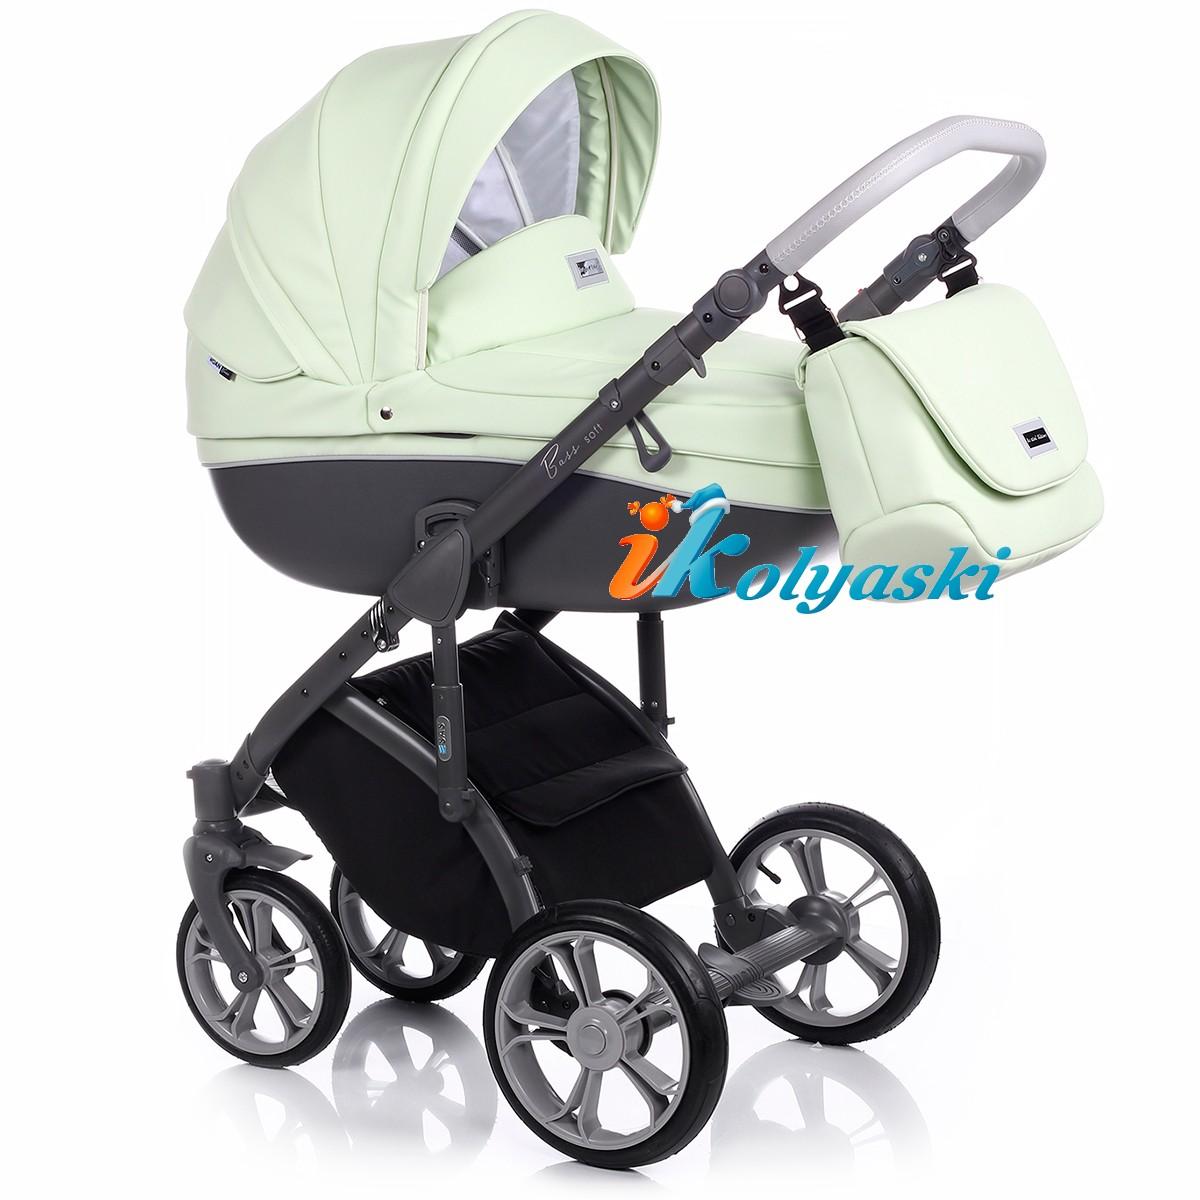 Детская коляска для новорожденных Roan Bass Soft LE, 3 в 1, Роан Басс Софт с автокреслом группы 0+ Roan Poppy, цвет PASTEL MINT